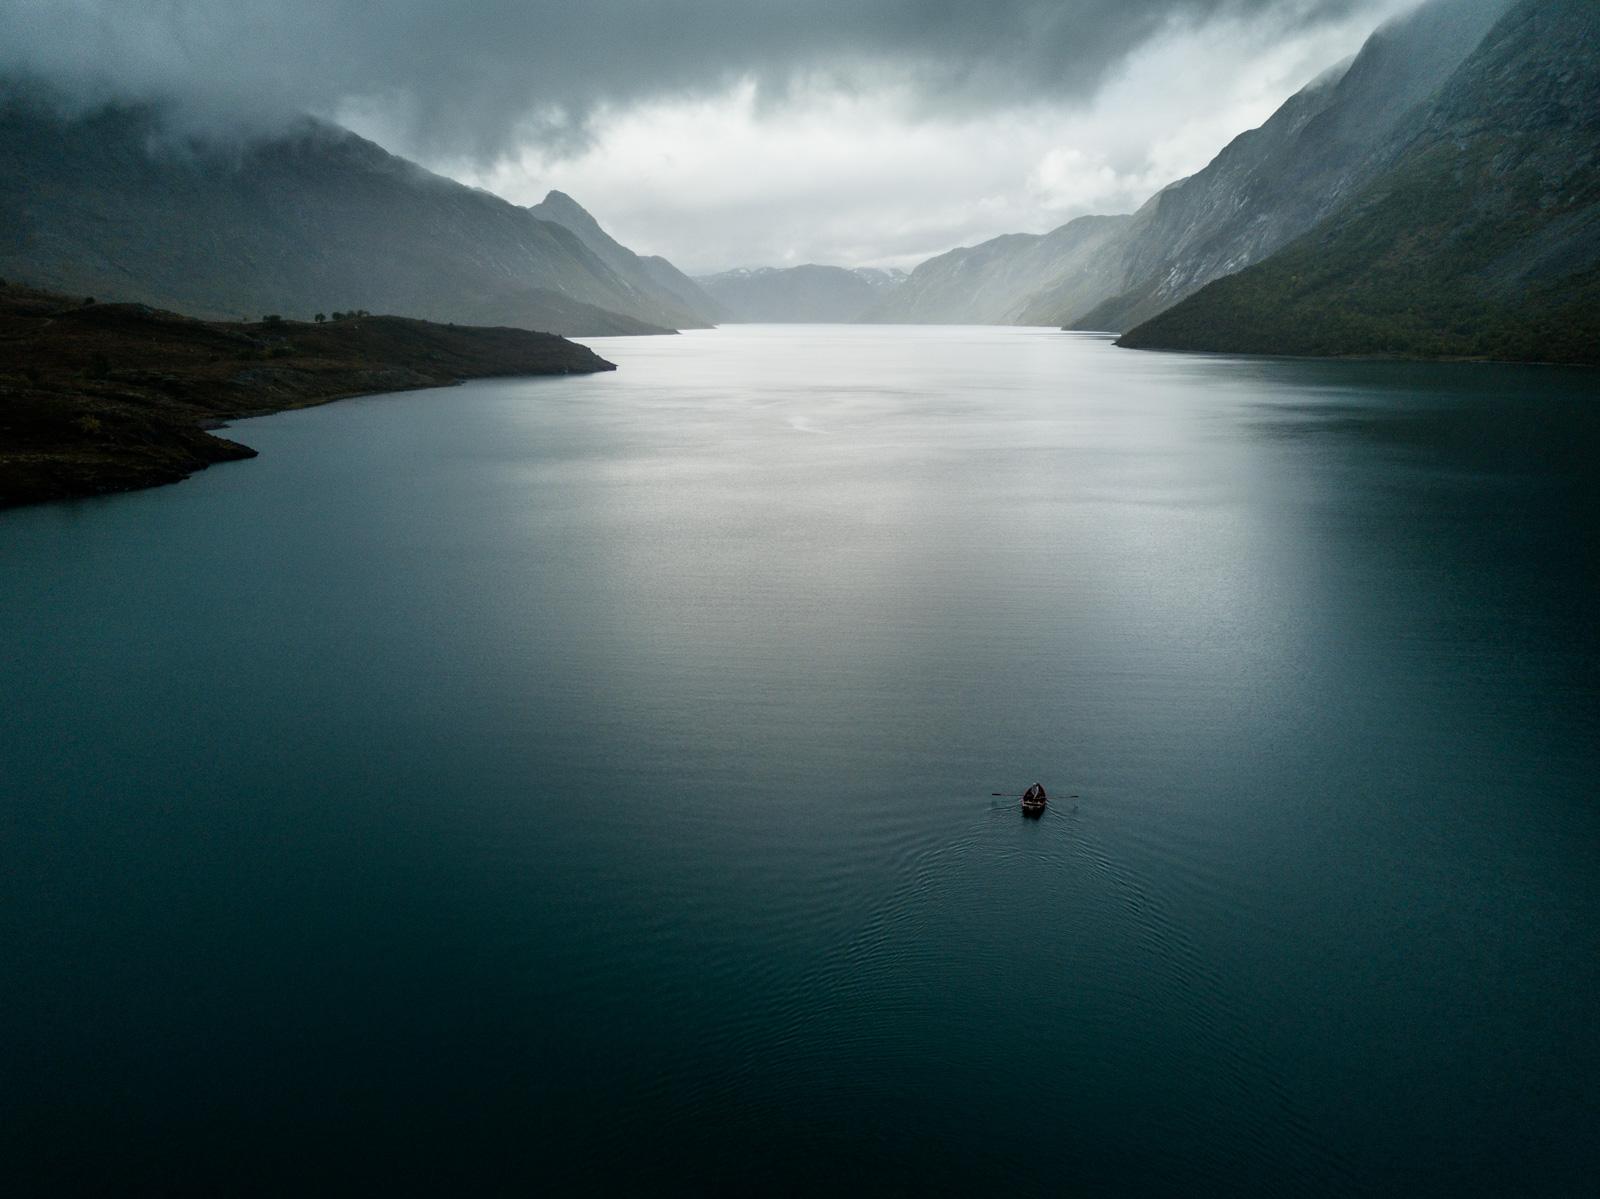 NATUREN OG OSS: Miljø og bærekrafige konsepter var fokus på Fjellfilm 2017. Simen Knudsen fra TAVAHA holdt foredrag på vegne av havet. Bilde: Christian Nerdrum